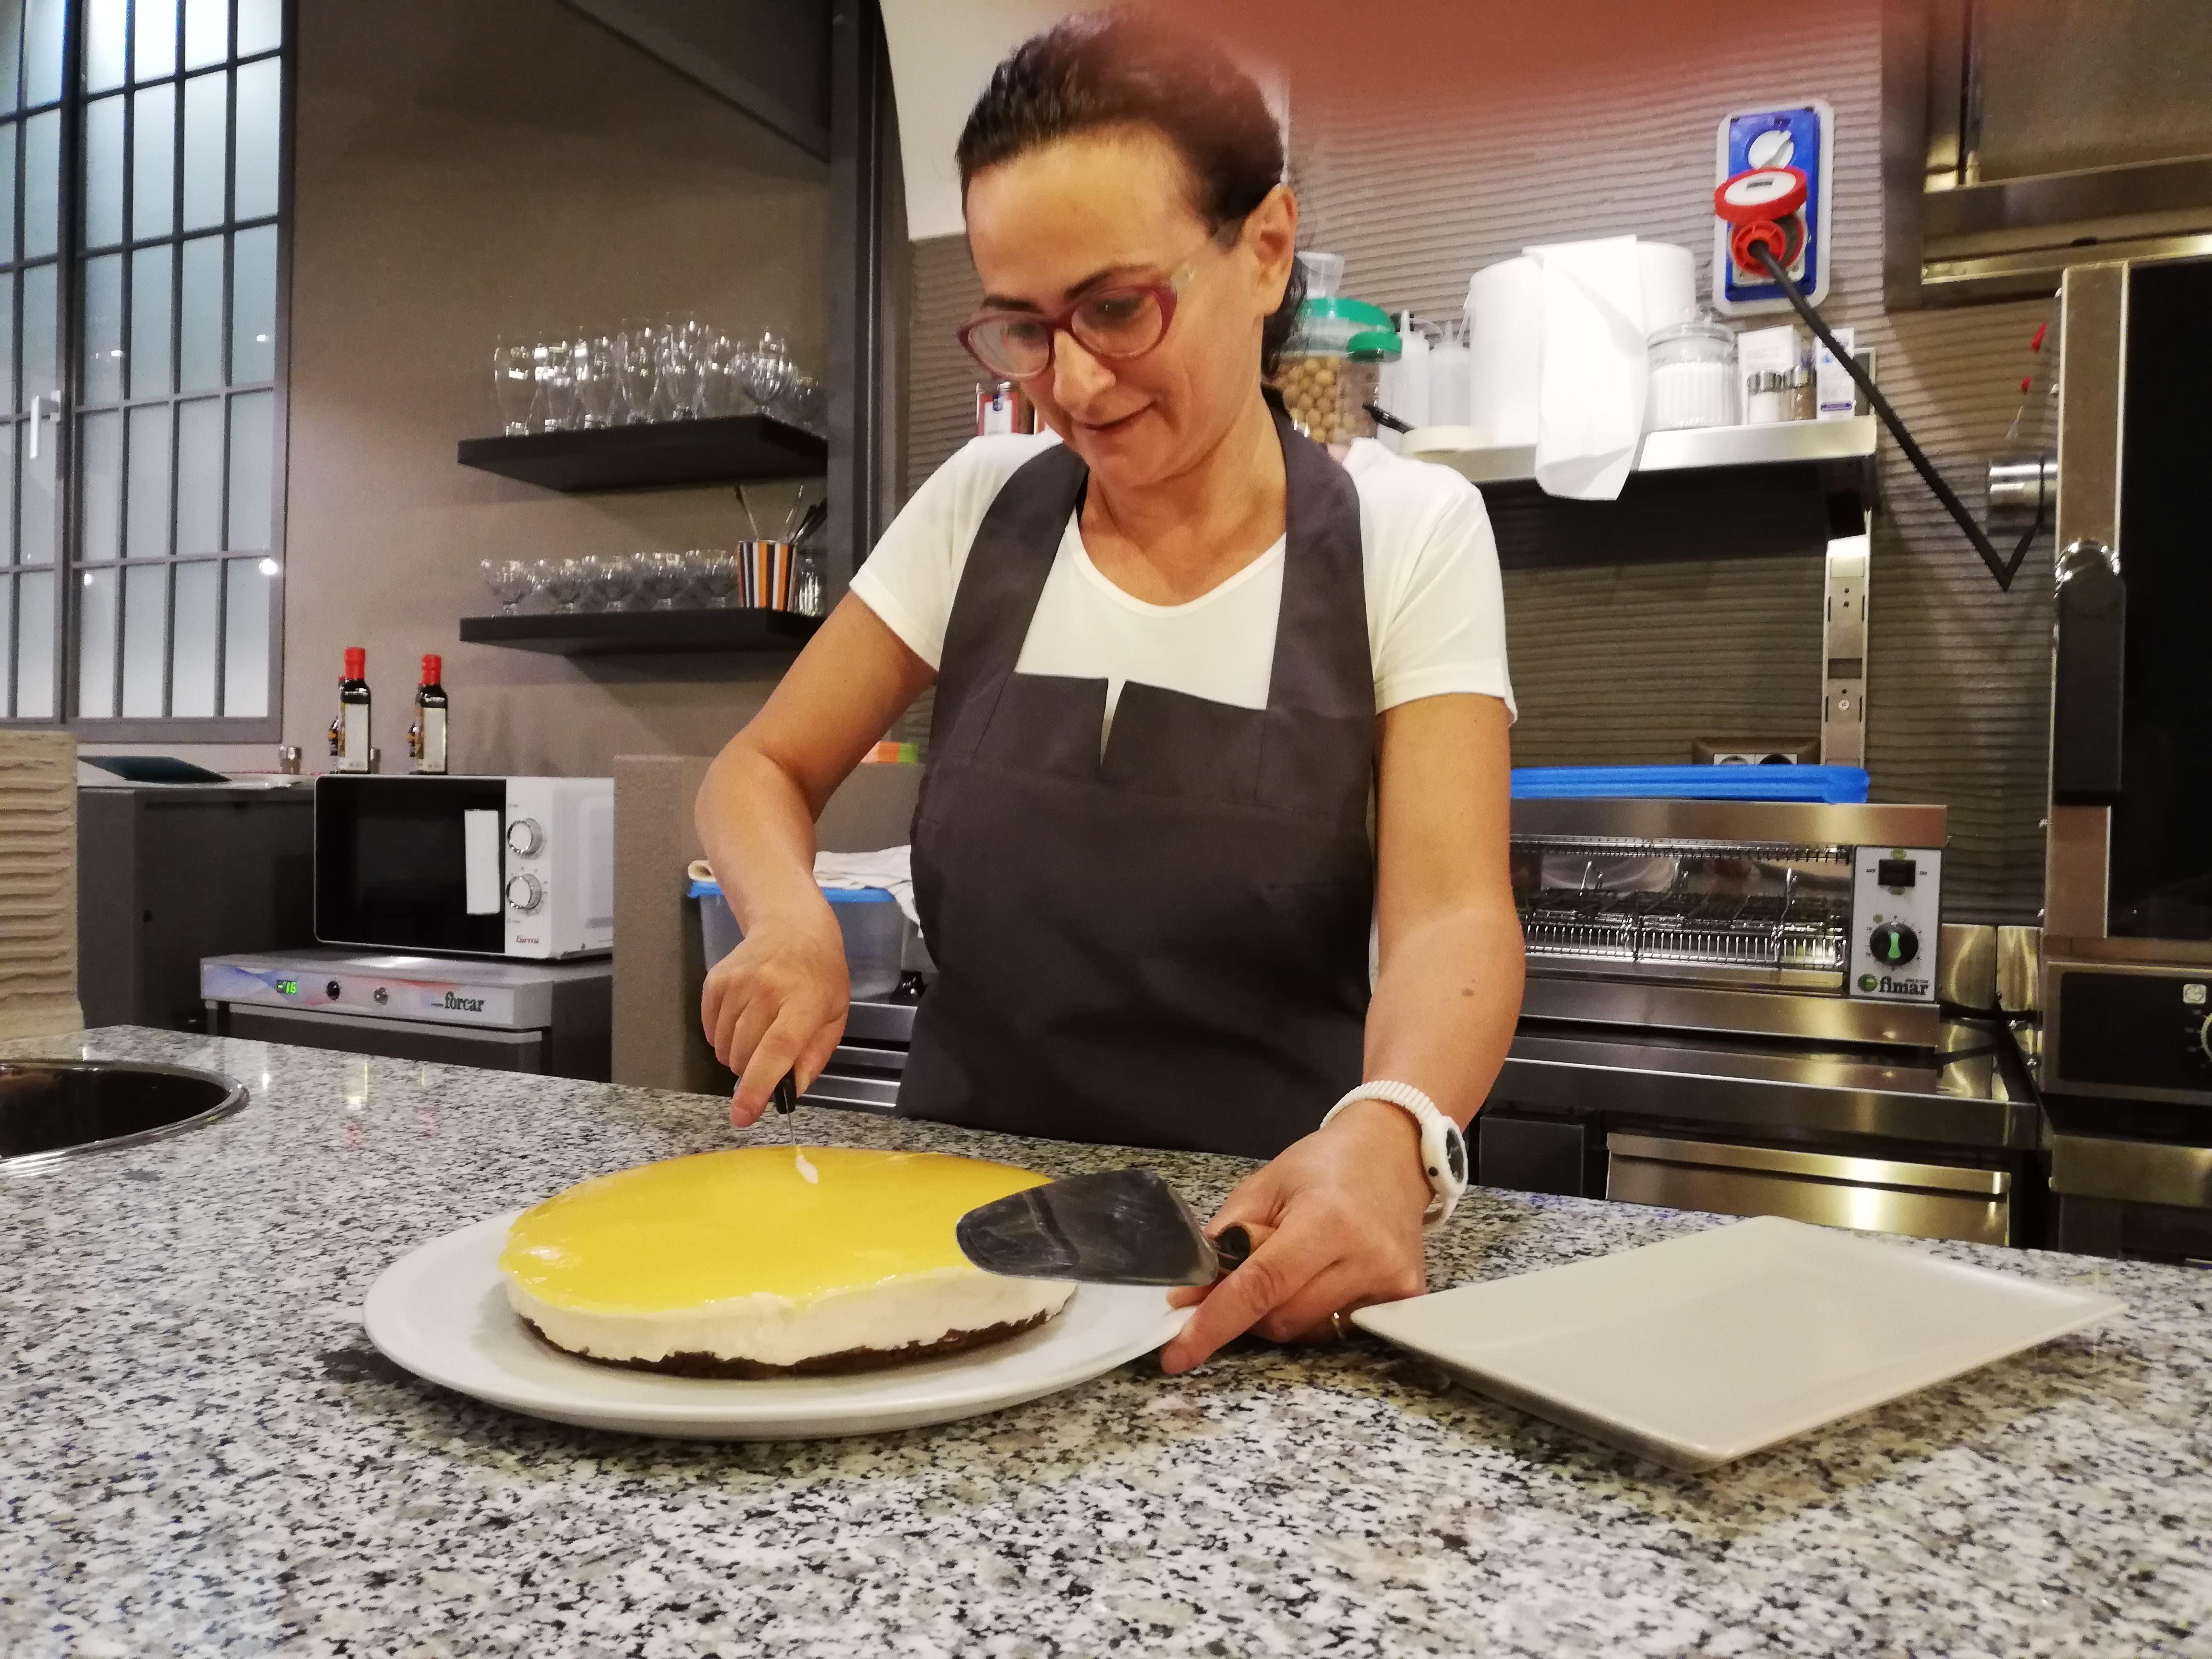 Aline taglia la sua cheesecake